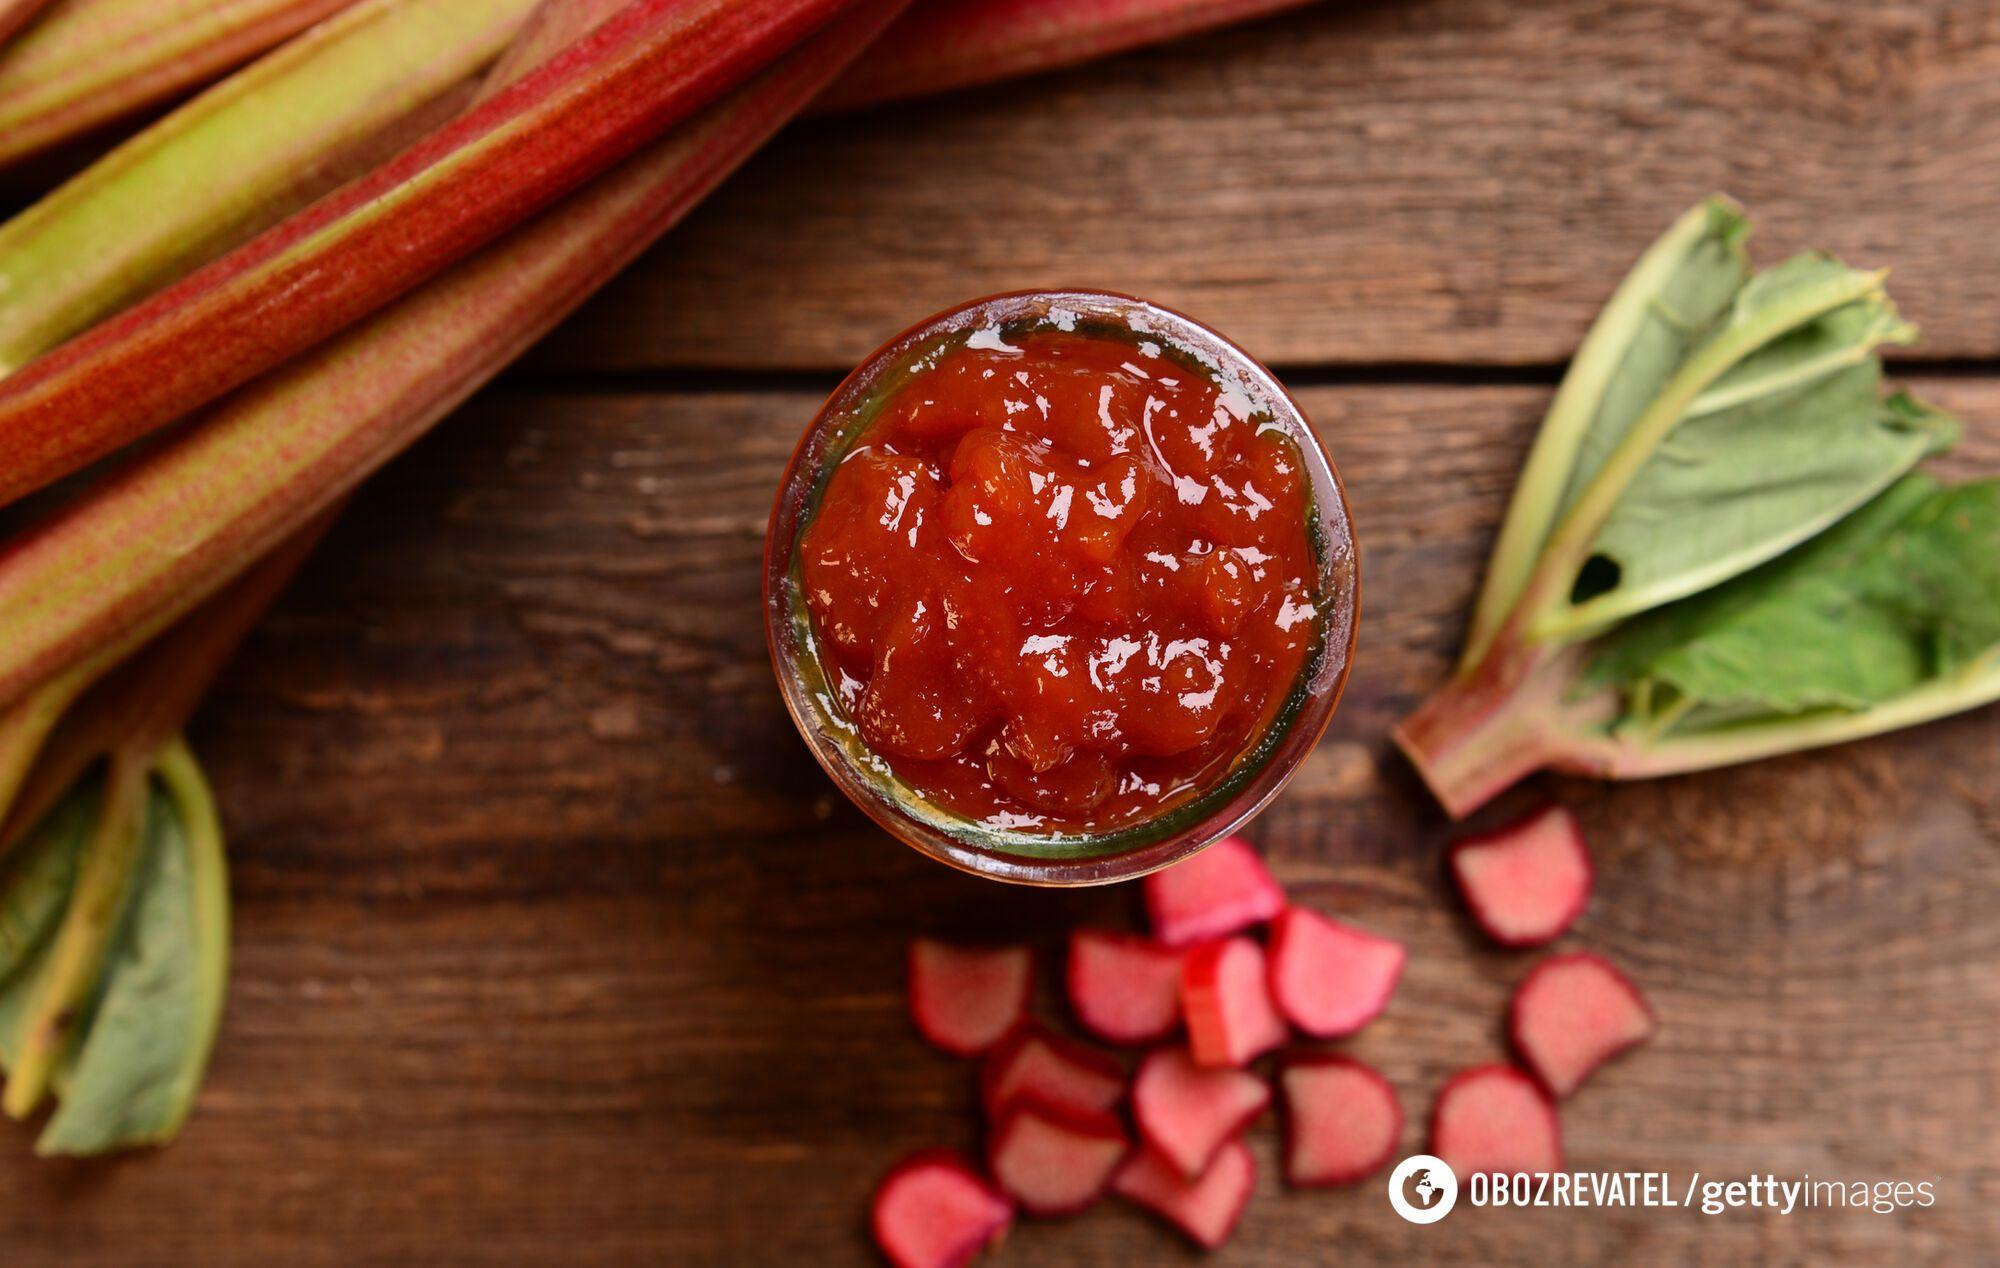 Ревінь часто використовується для приготування десертів і джемів